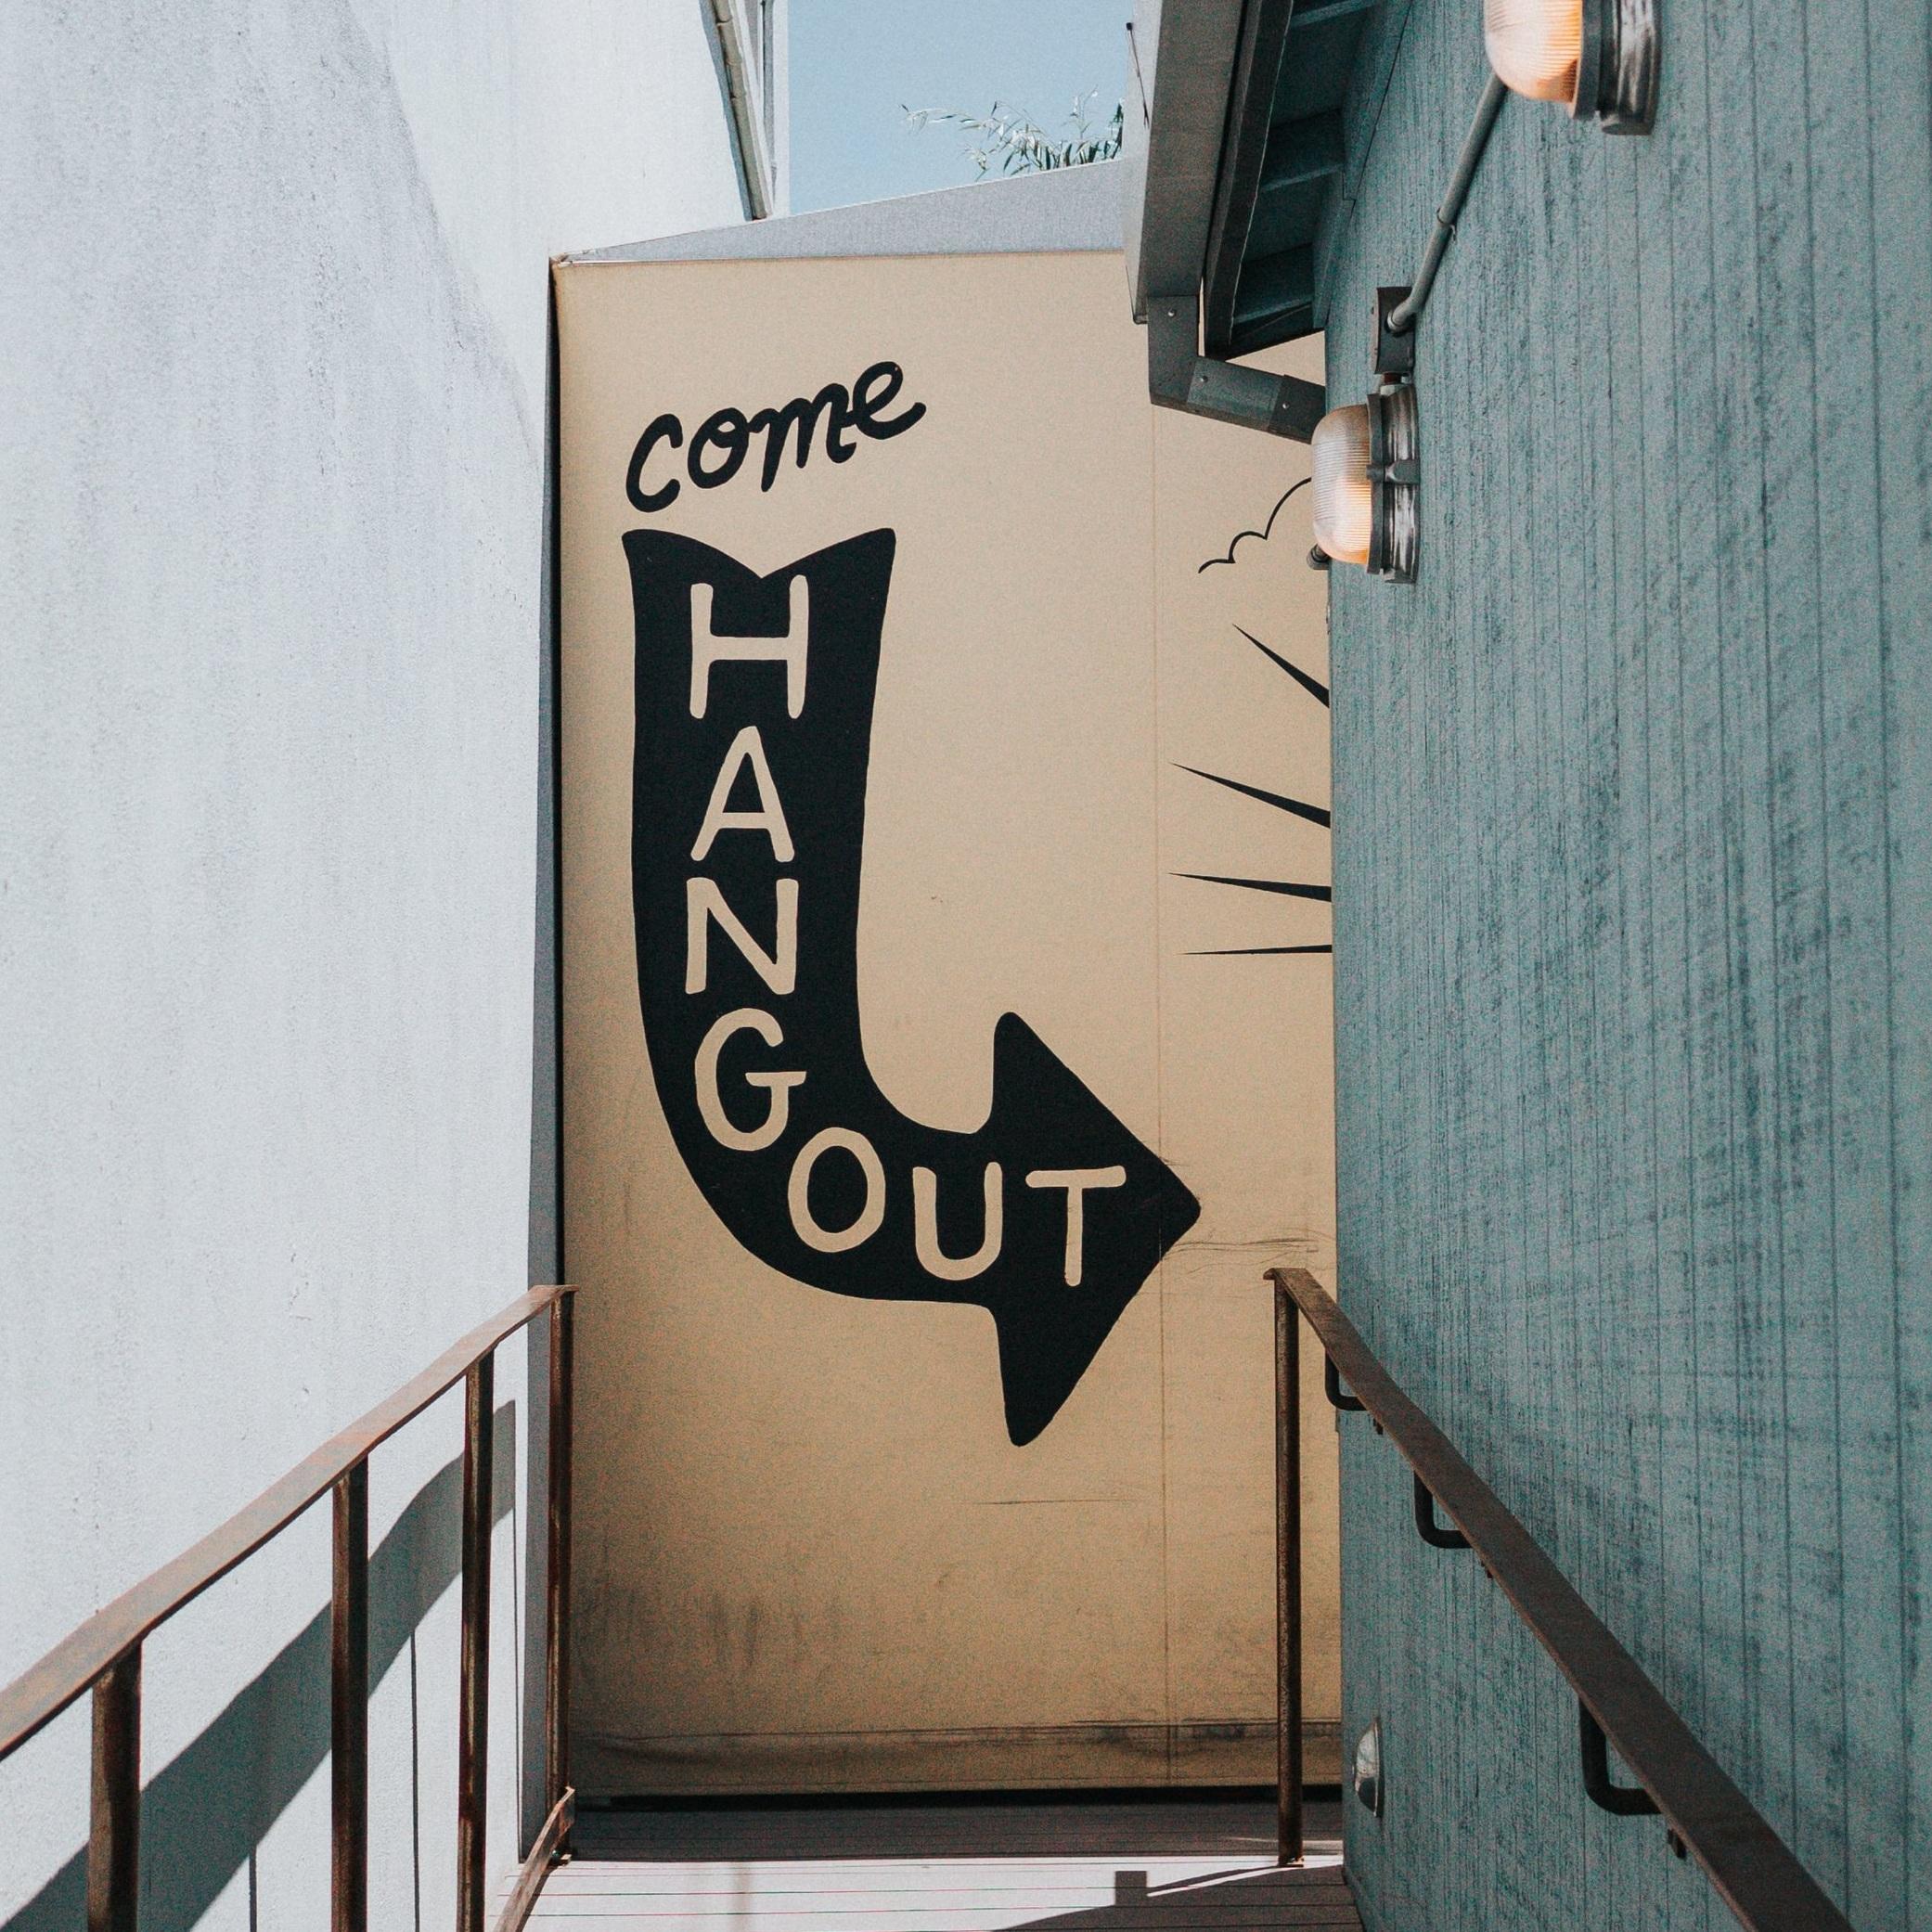 OPEN HOUSES - Thursday, September 5th 10:30am-2:30pmSaturday, September 7th 1-4pmSunday, September 8th 1-4pm